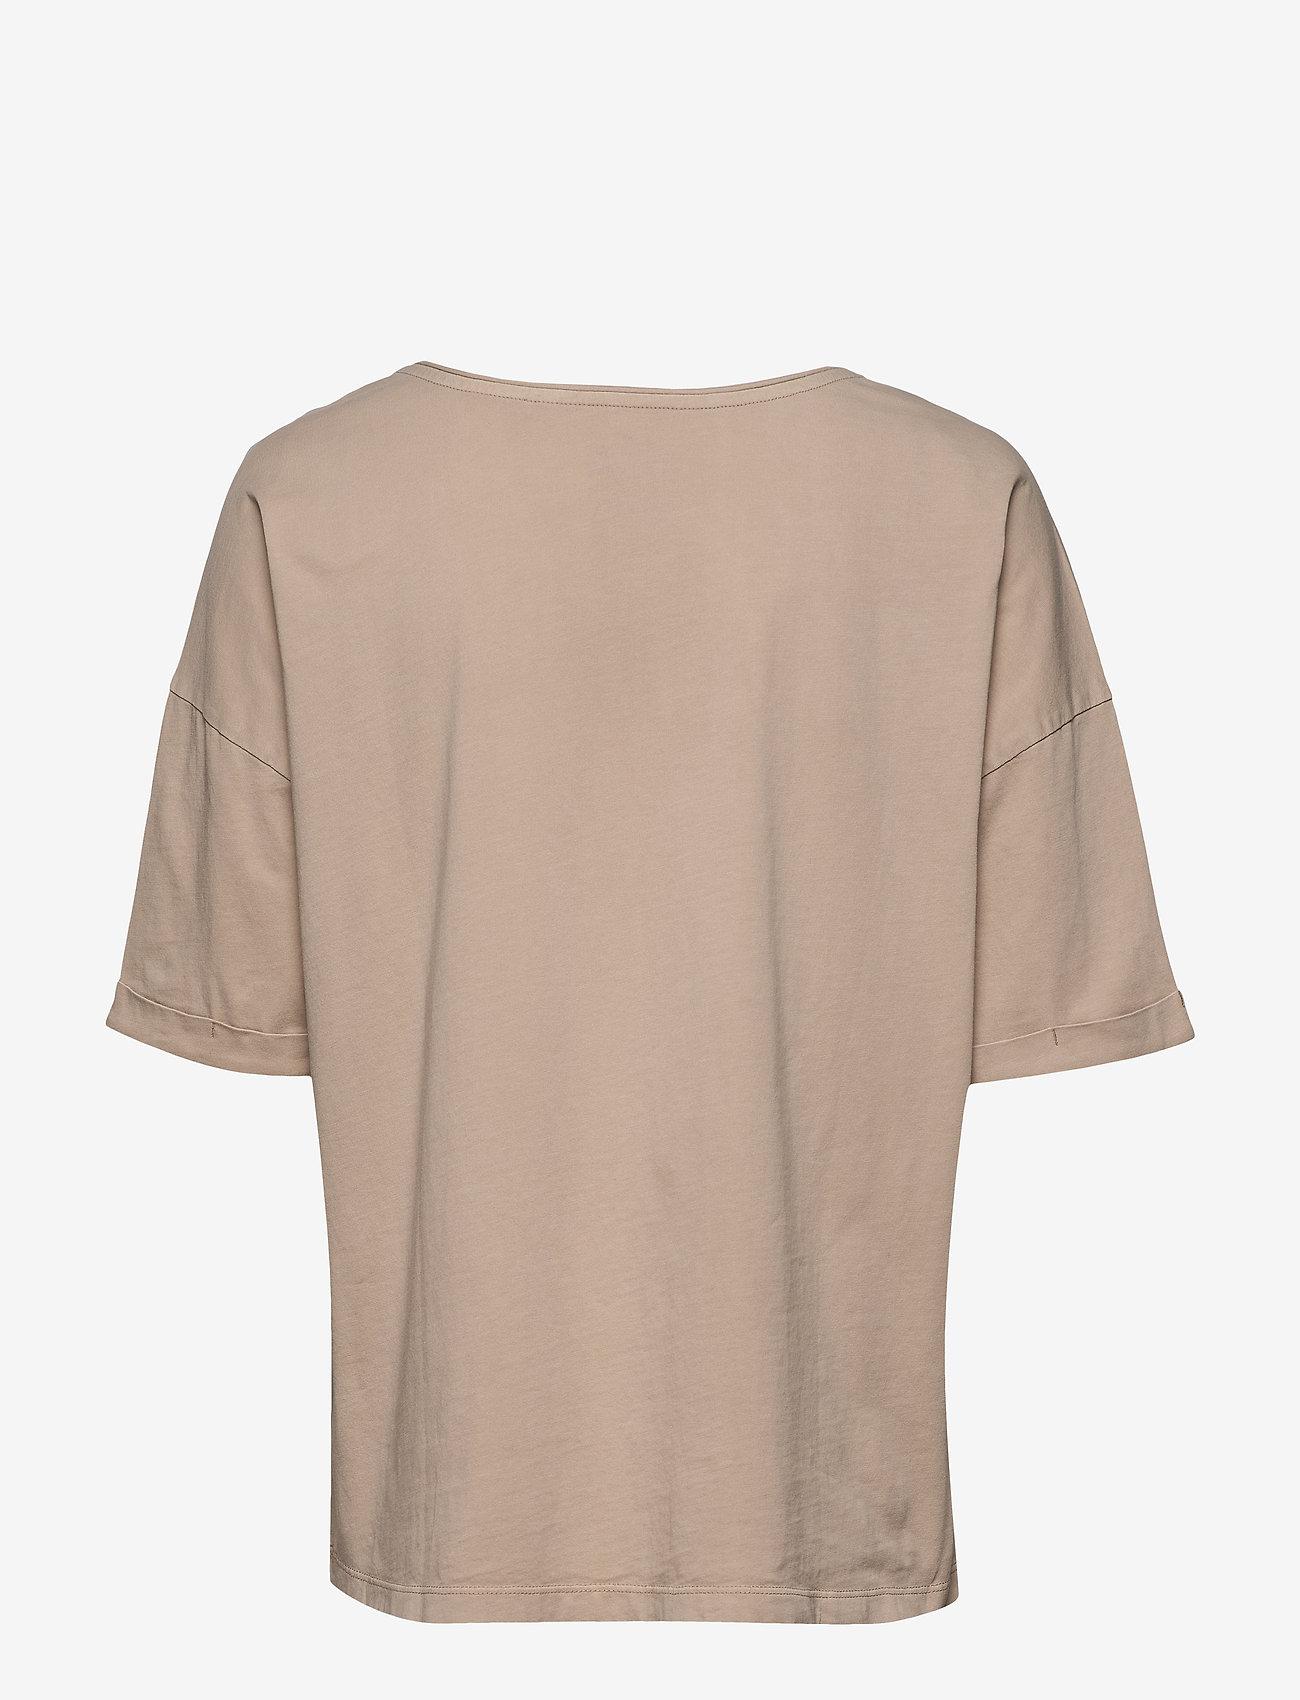 Esprit Casual T-shirts - & Tops